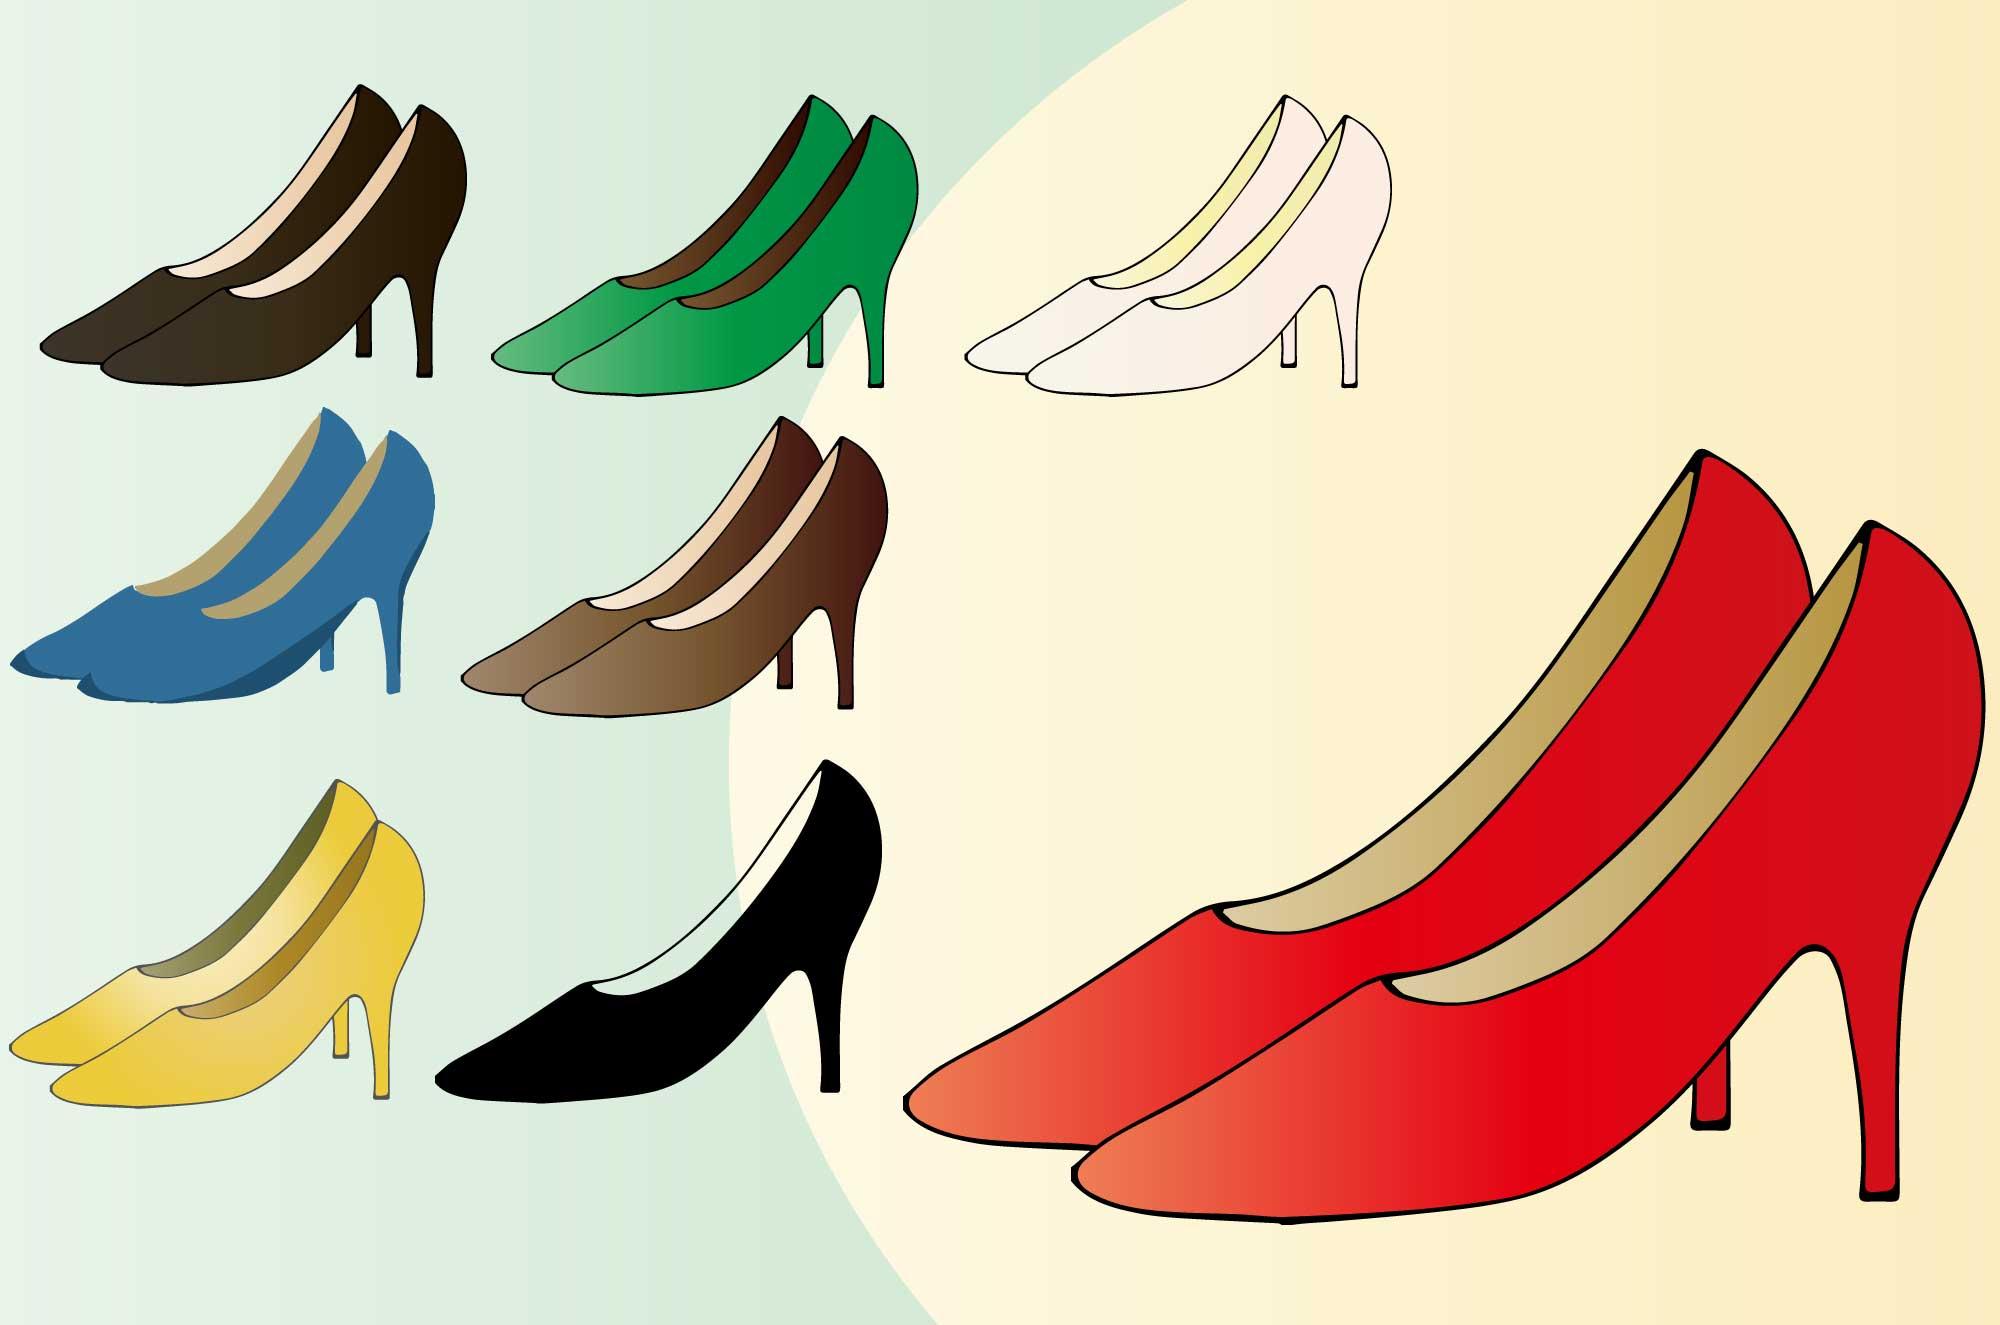 ハイヒールのイラスト - 可愛くてお洒落な無料靴素材